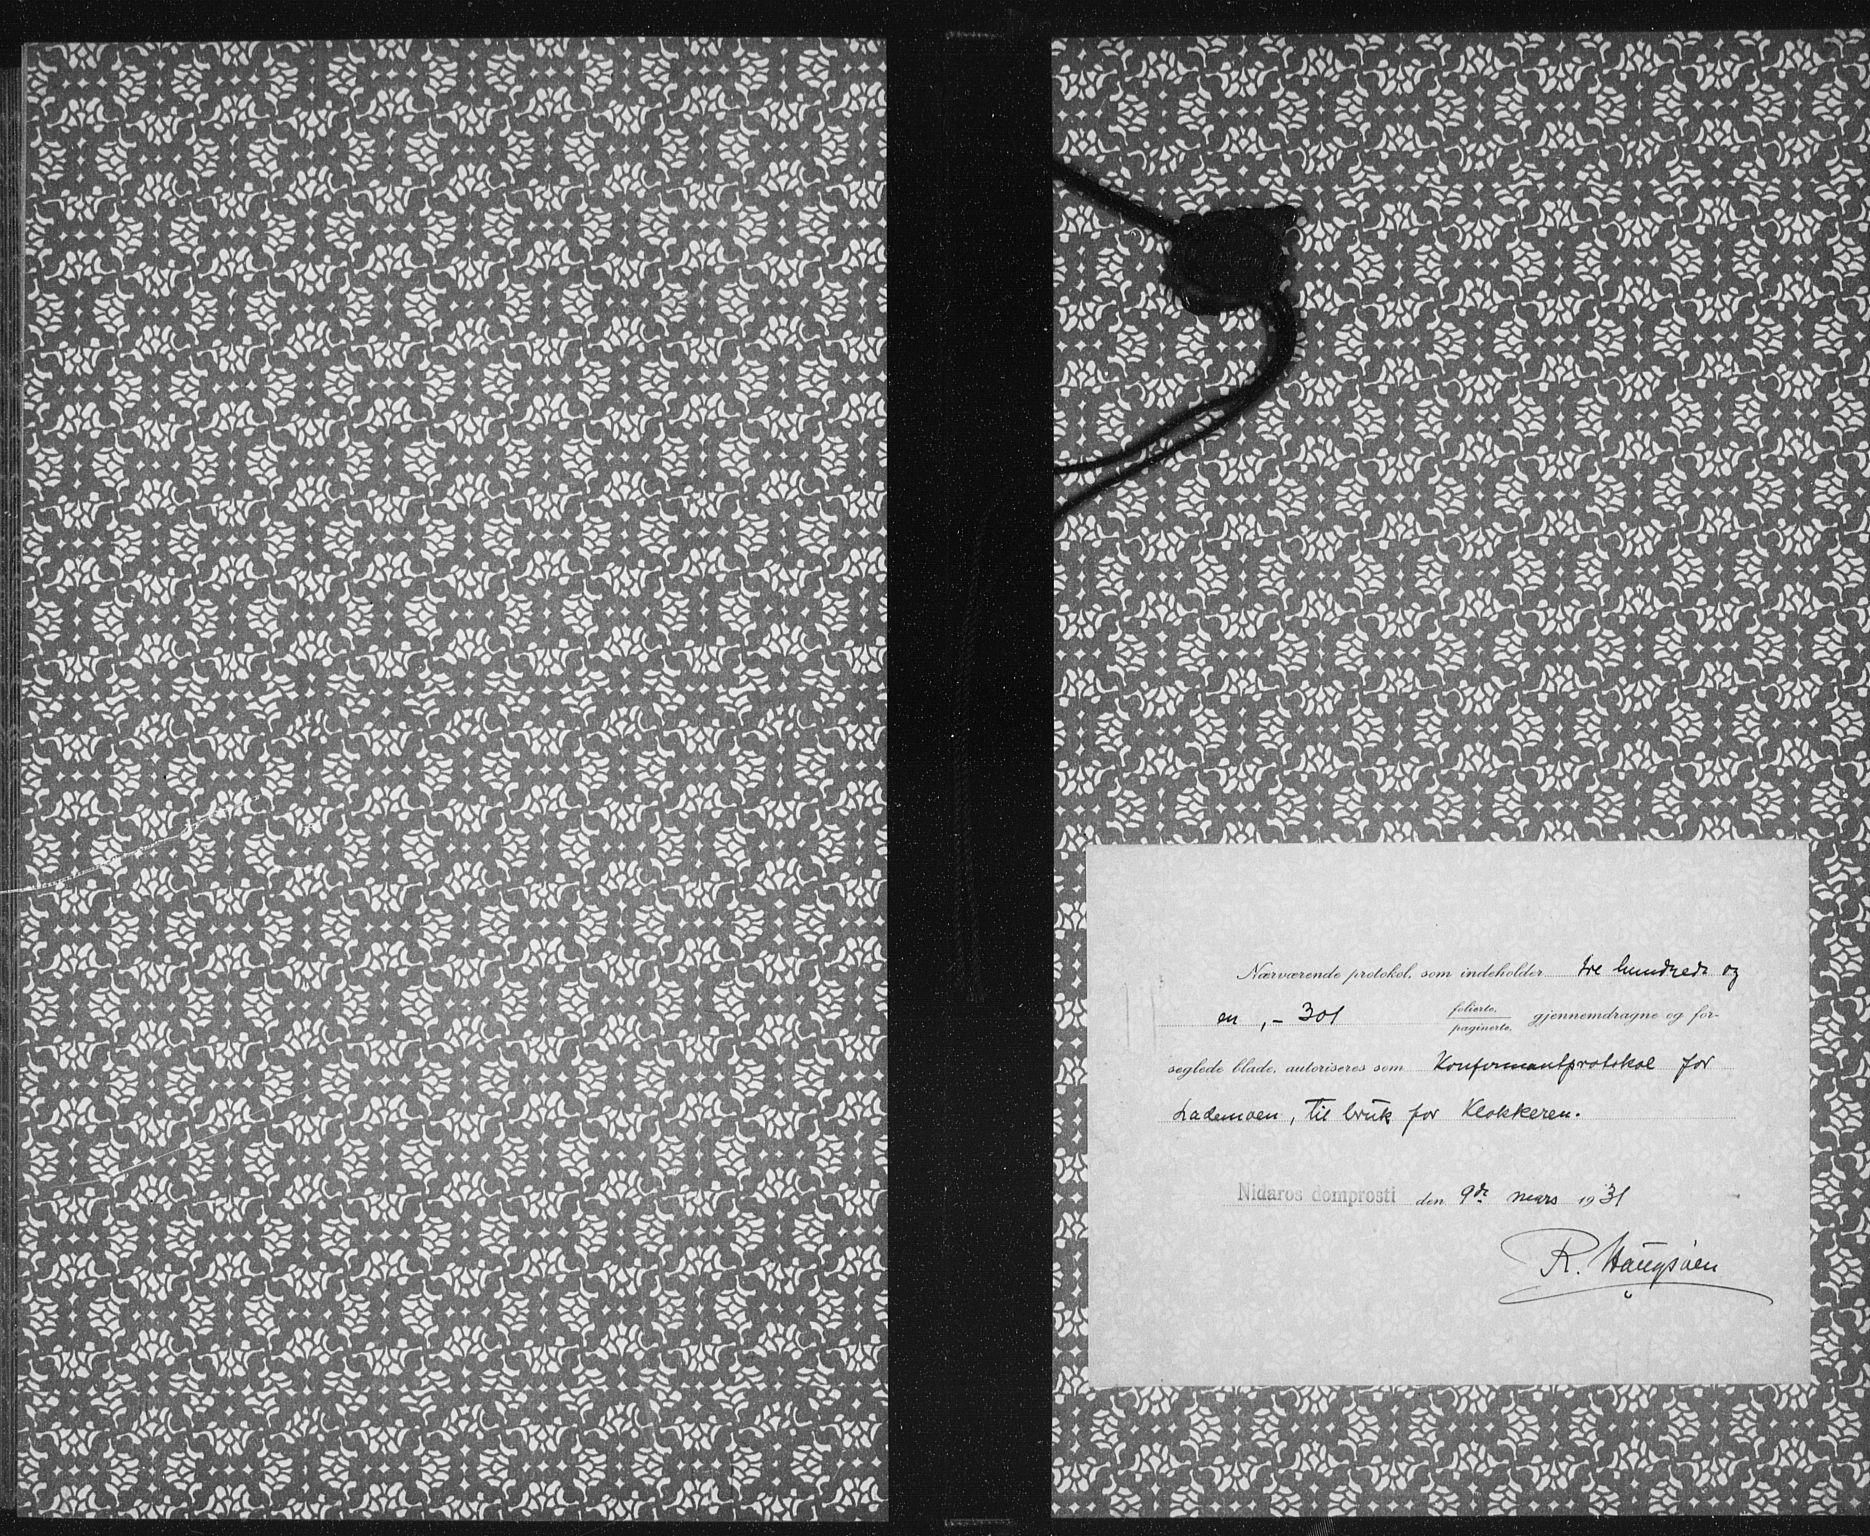 SAT, Ministerialprotokoller, klokkerbøker og fødselsregistre - Sør-Trøndelag, 605/L0262: Klokkerbok nr. 605C09, 1930-1933